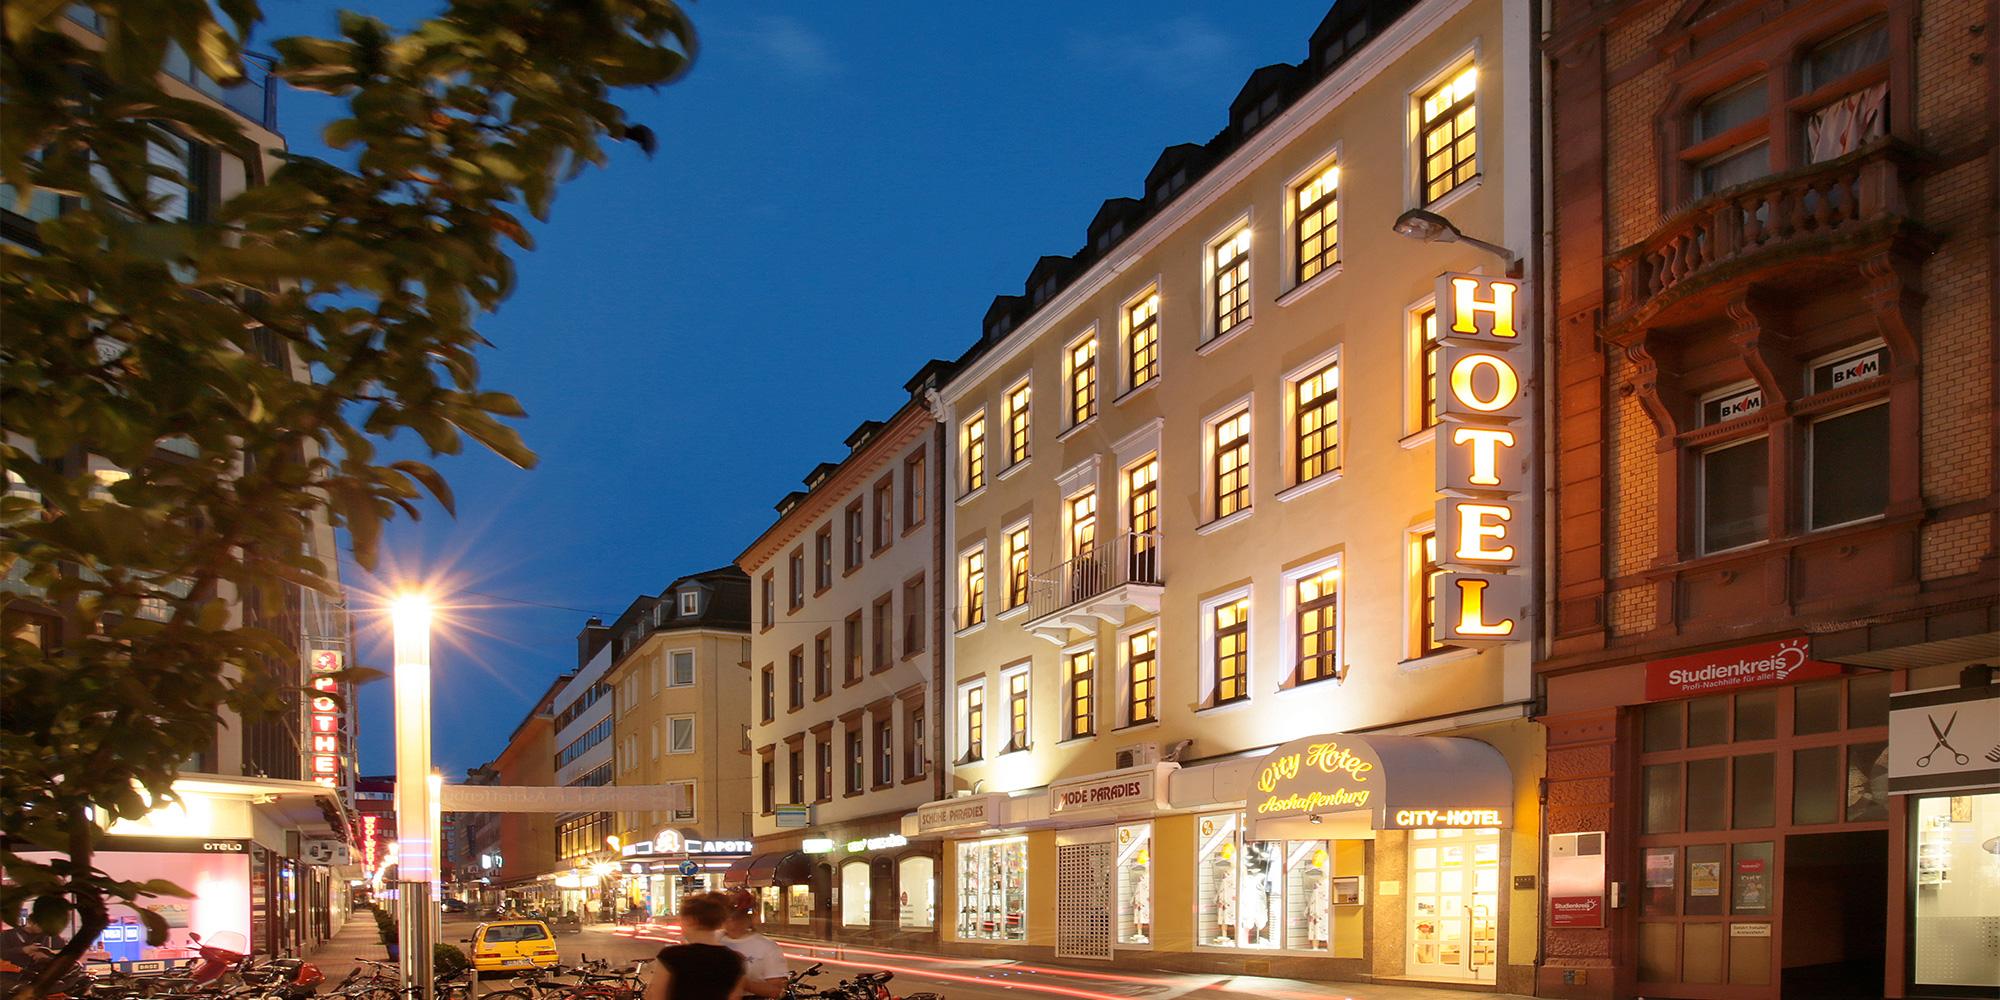 Hotel Aschaffenburg - City-Hotel - Kontakt